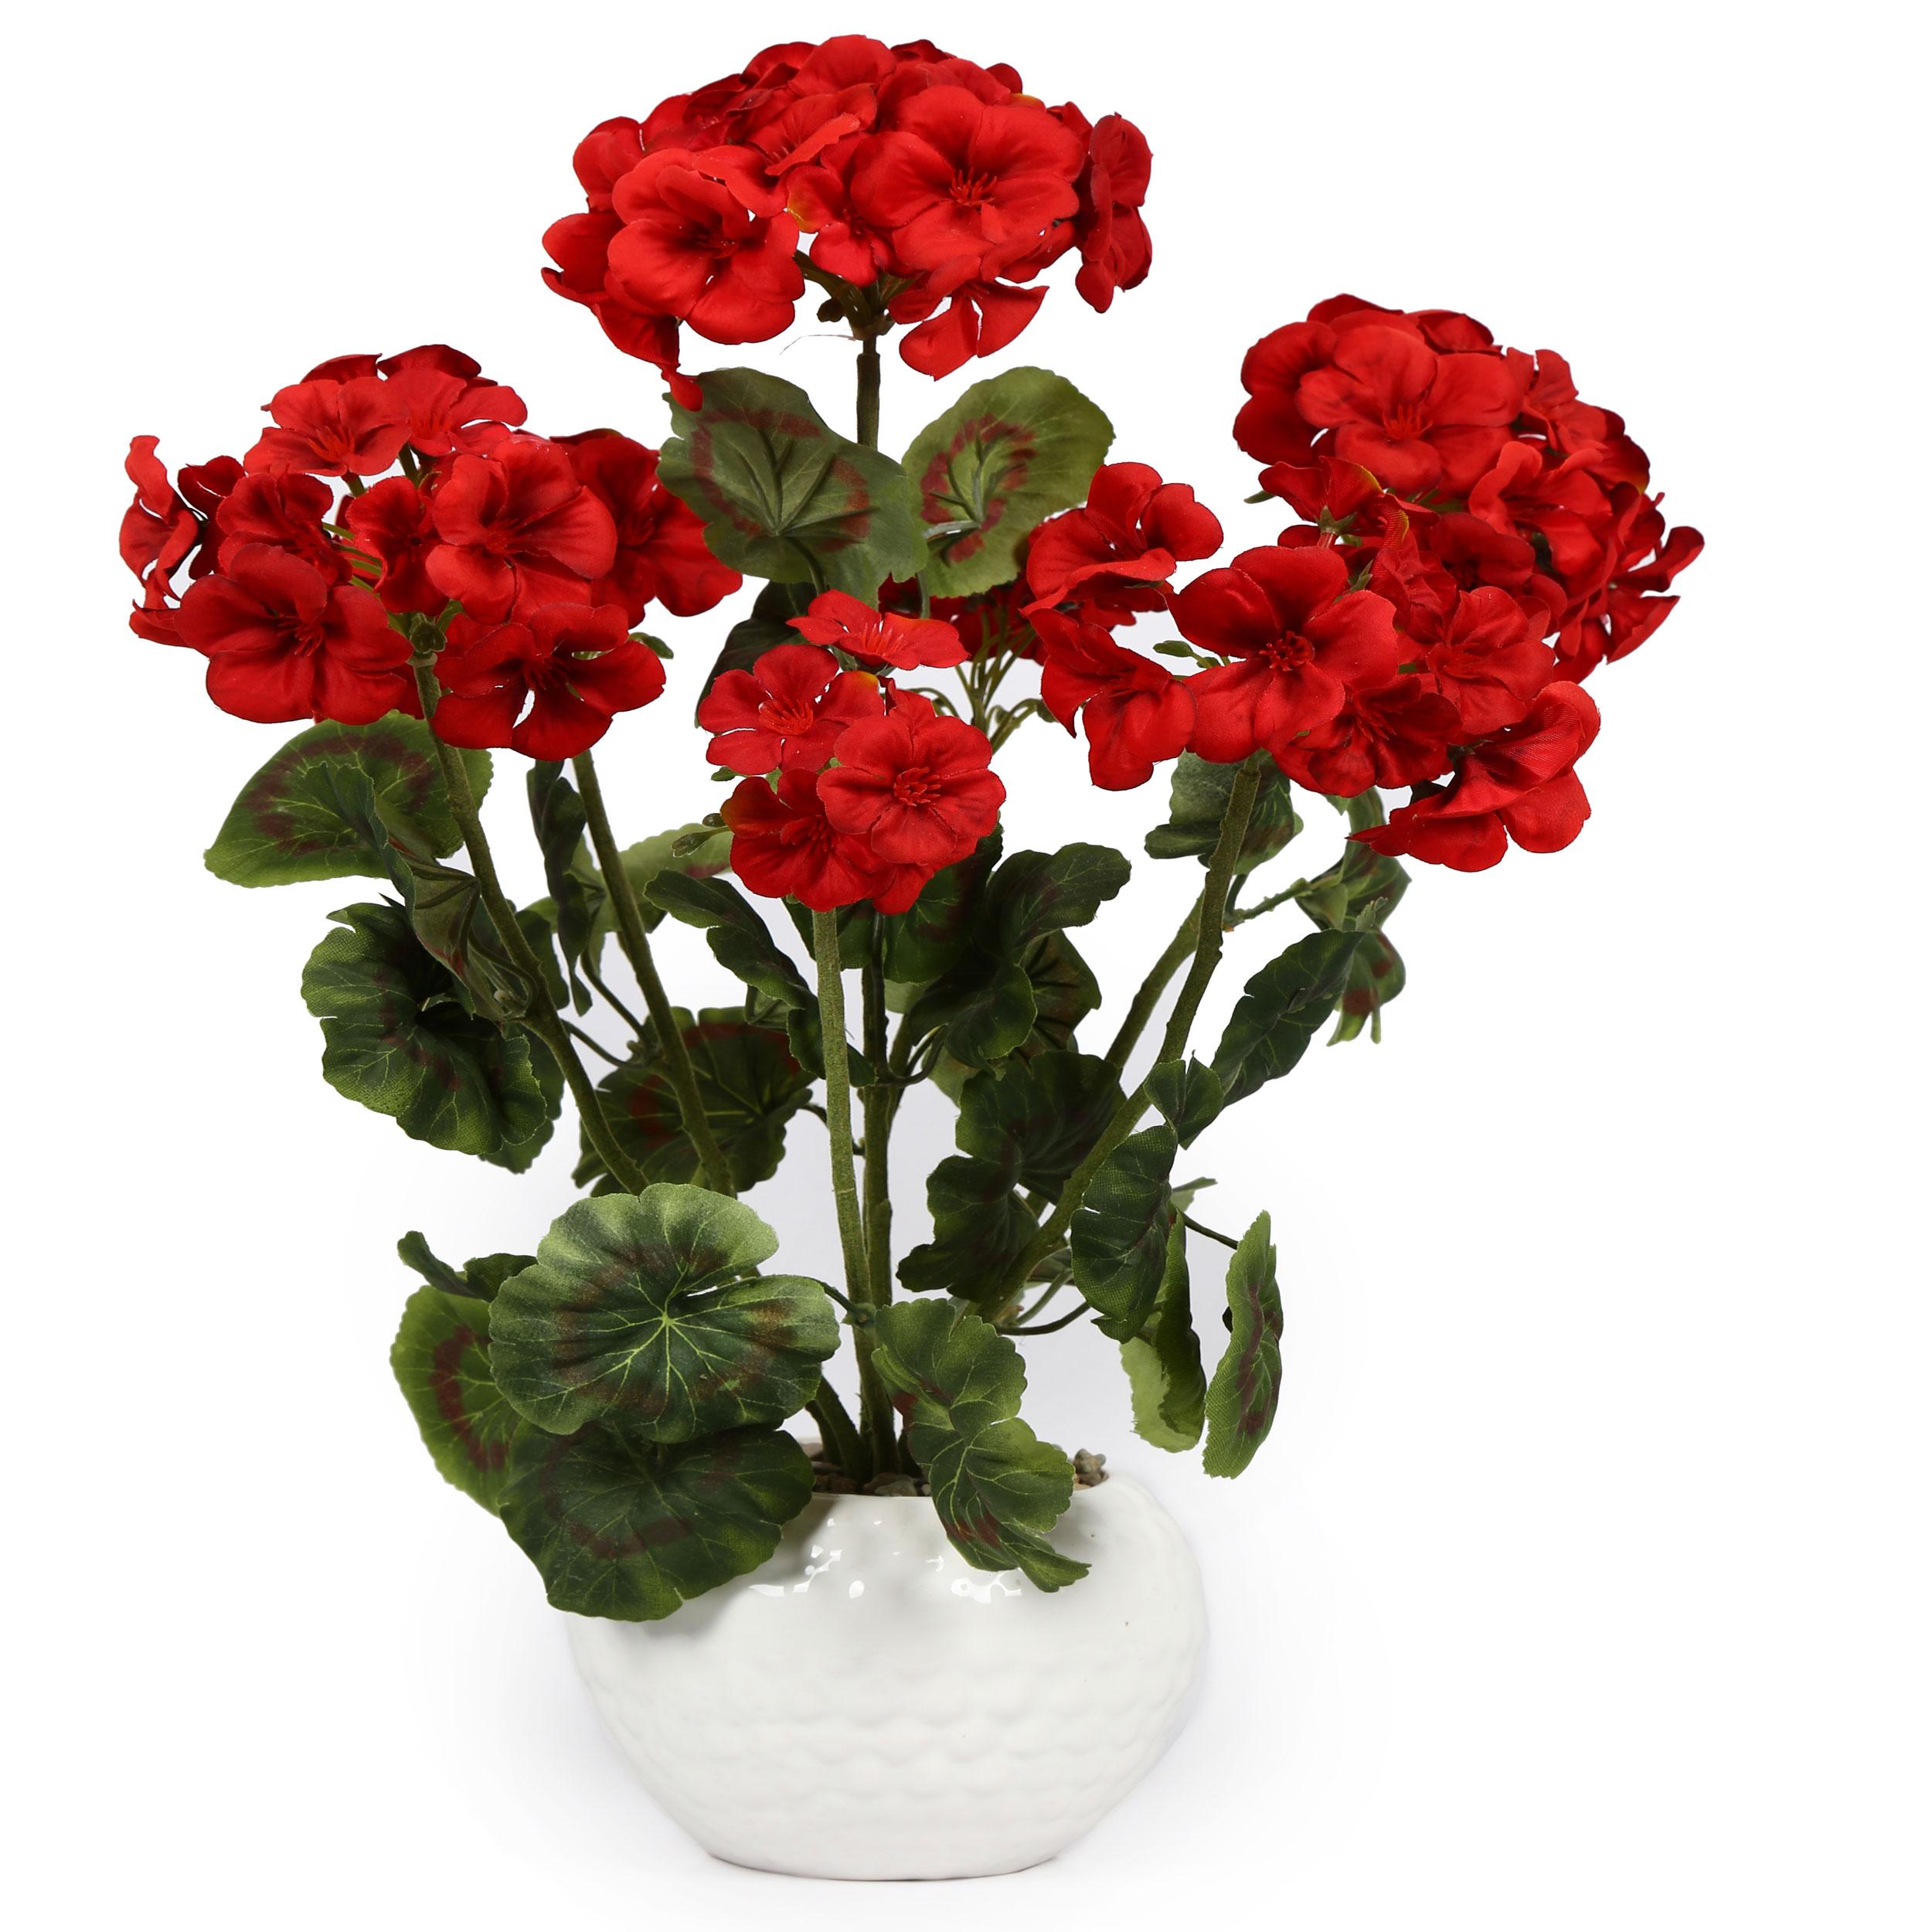 گلدان به همراه گل مصنوعی هومز کد 50147